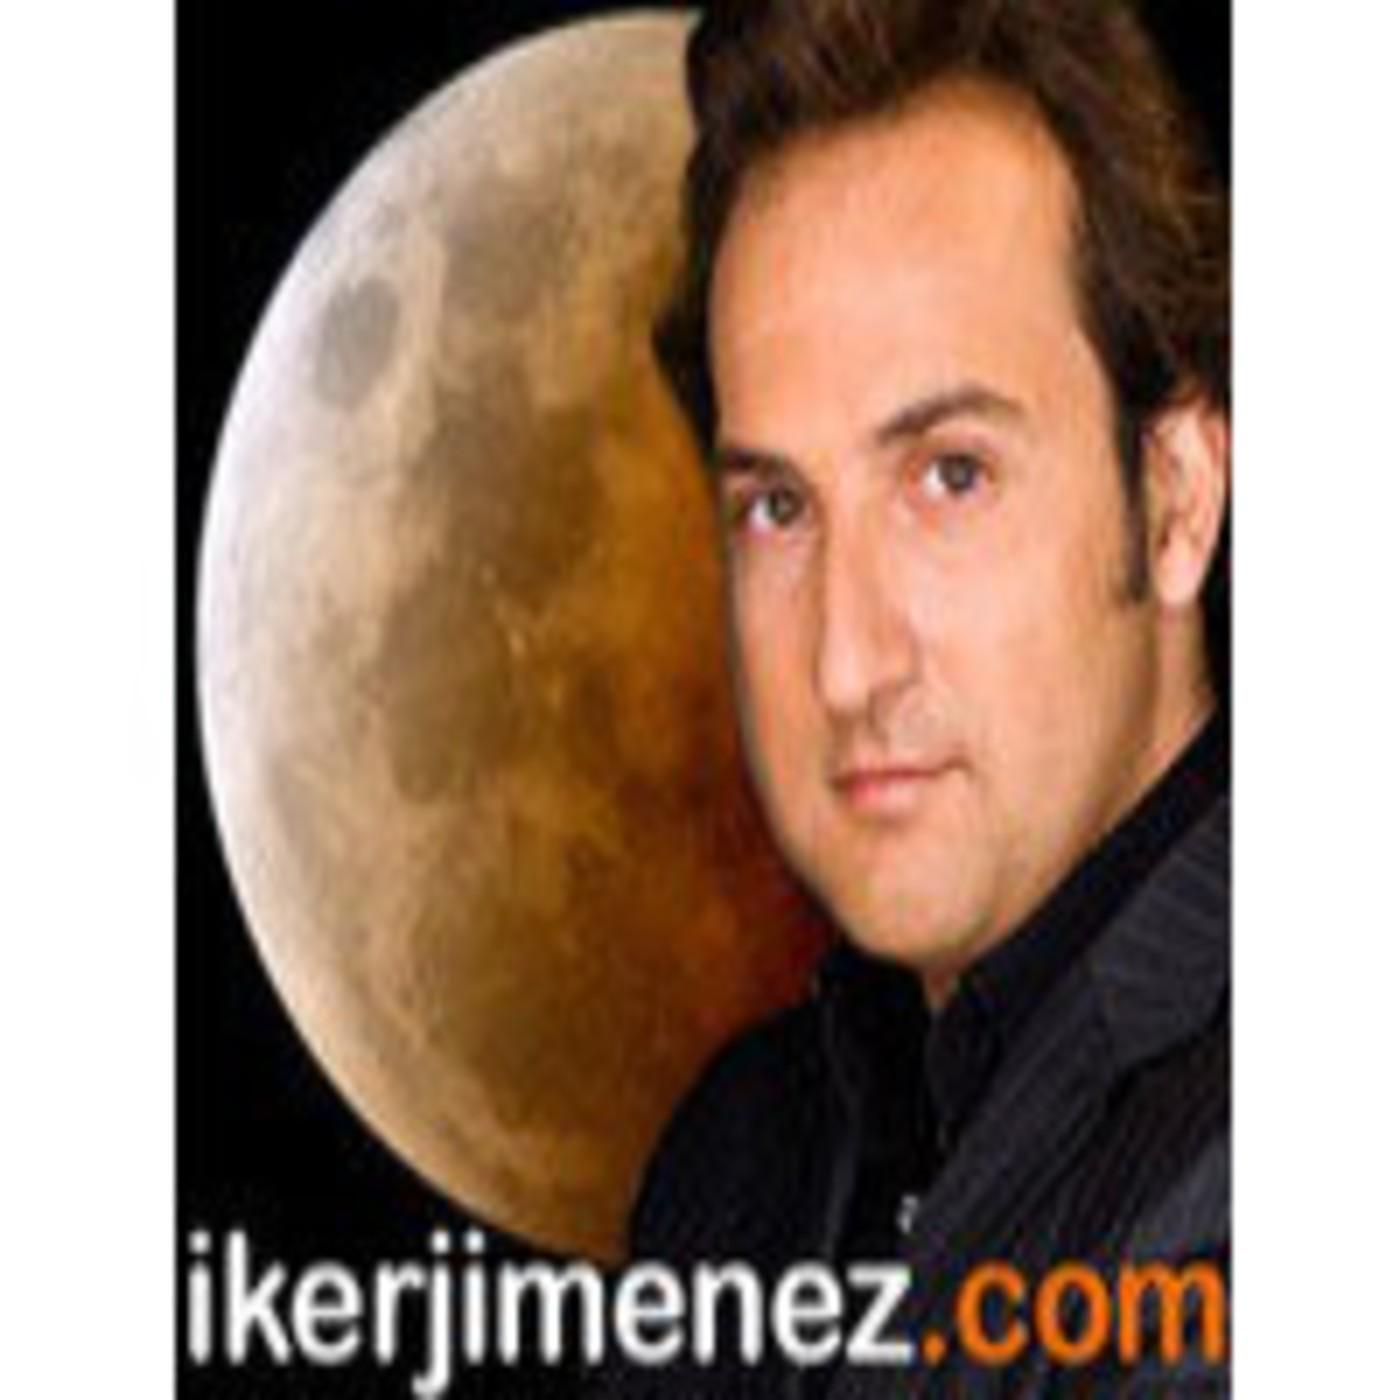 Escucha el canal La nave del misterio :: ikerjimenez.com :: - iVoox